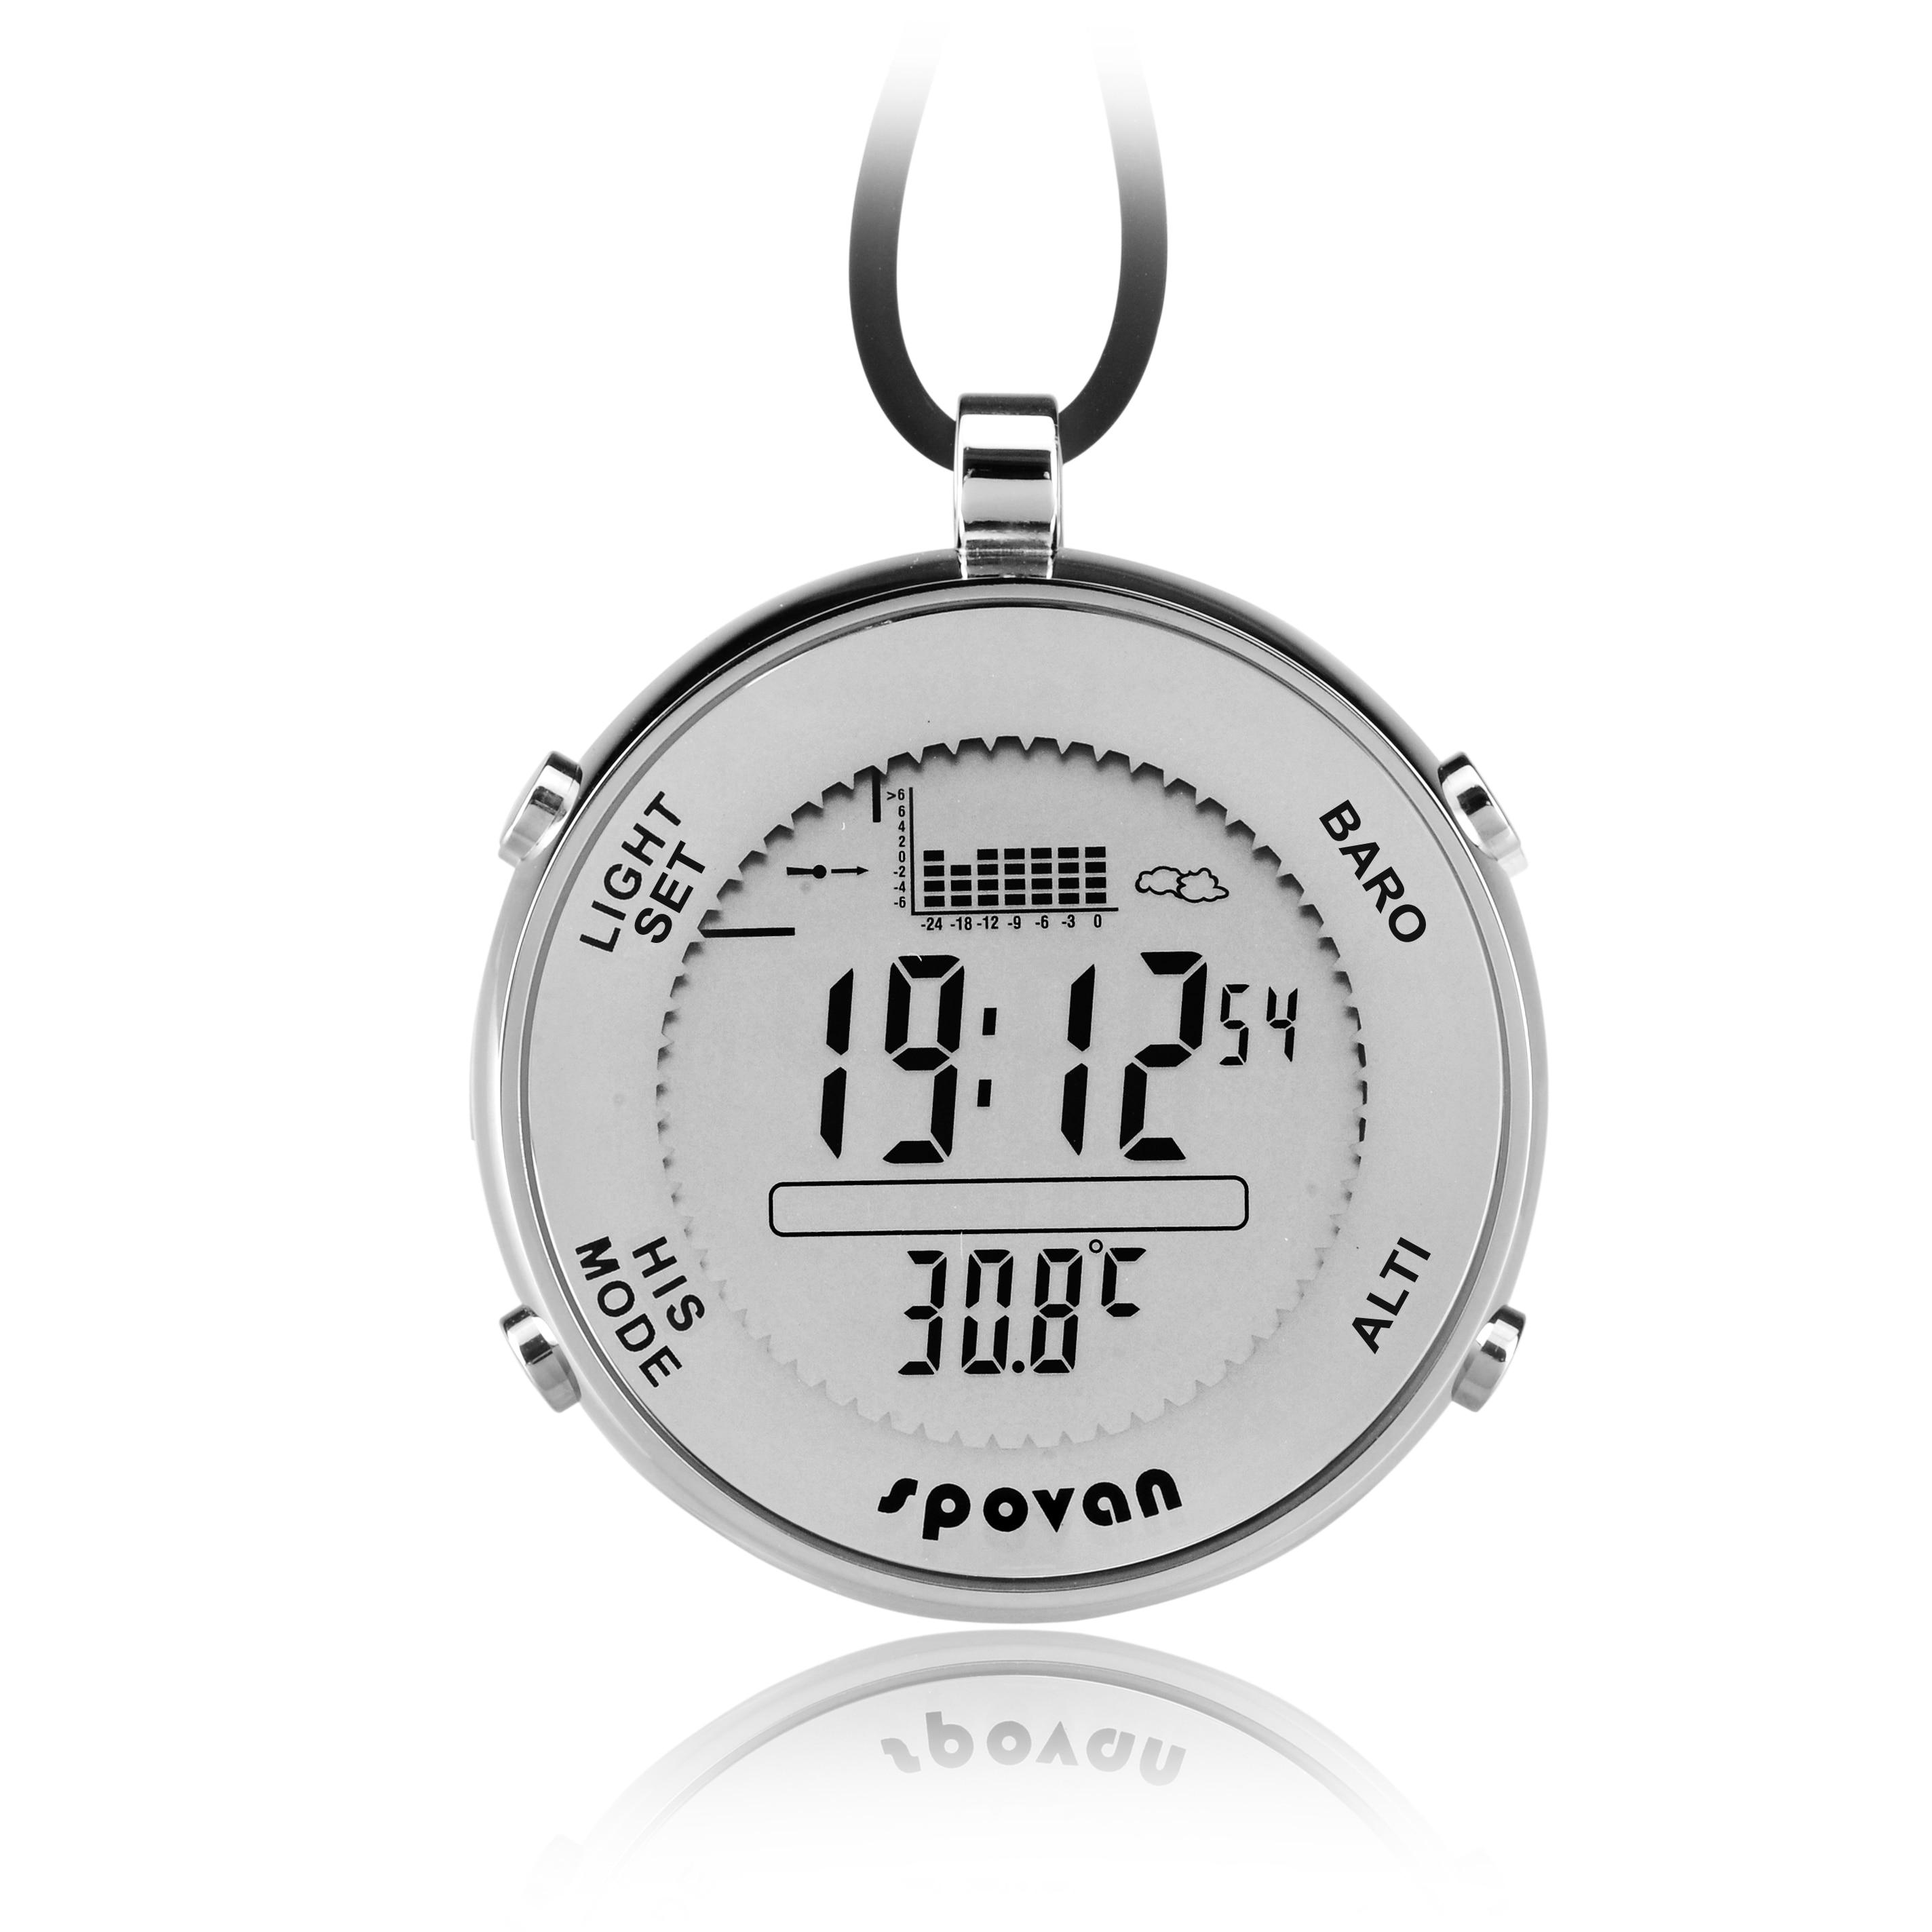 Spovan SPV600 poche taille Mini étanche Swit capteur numérique piste pêche baromètre altimètre thermomètre multifonction montre